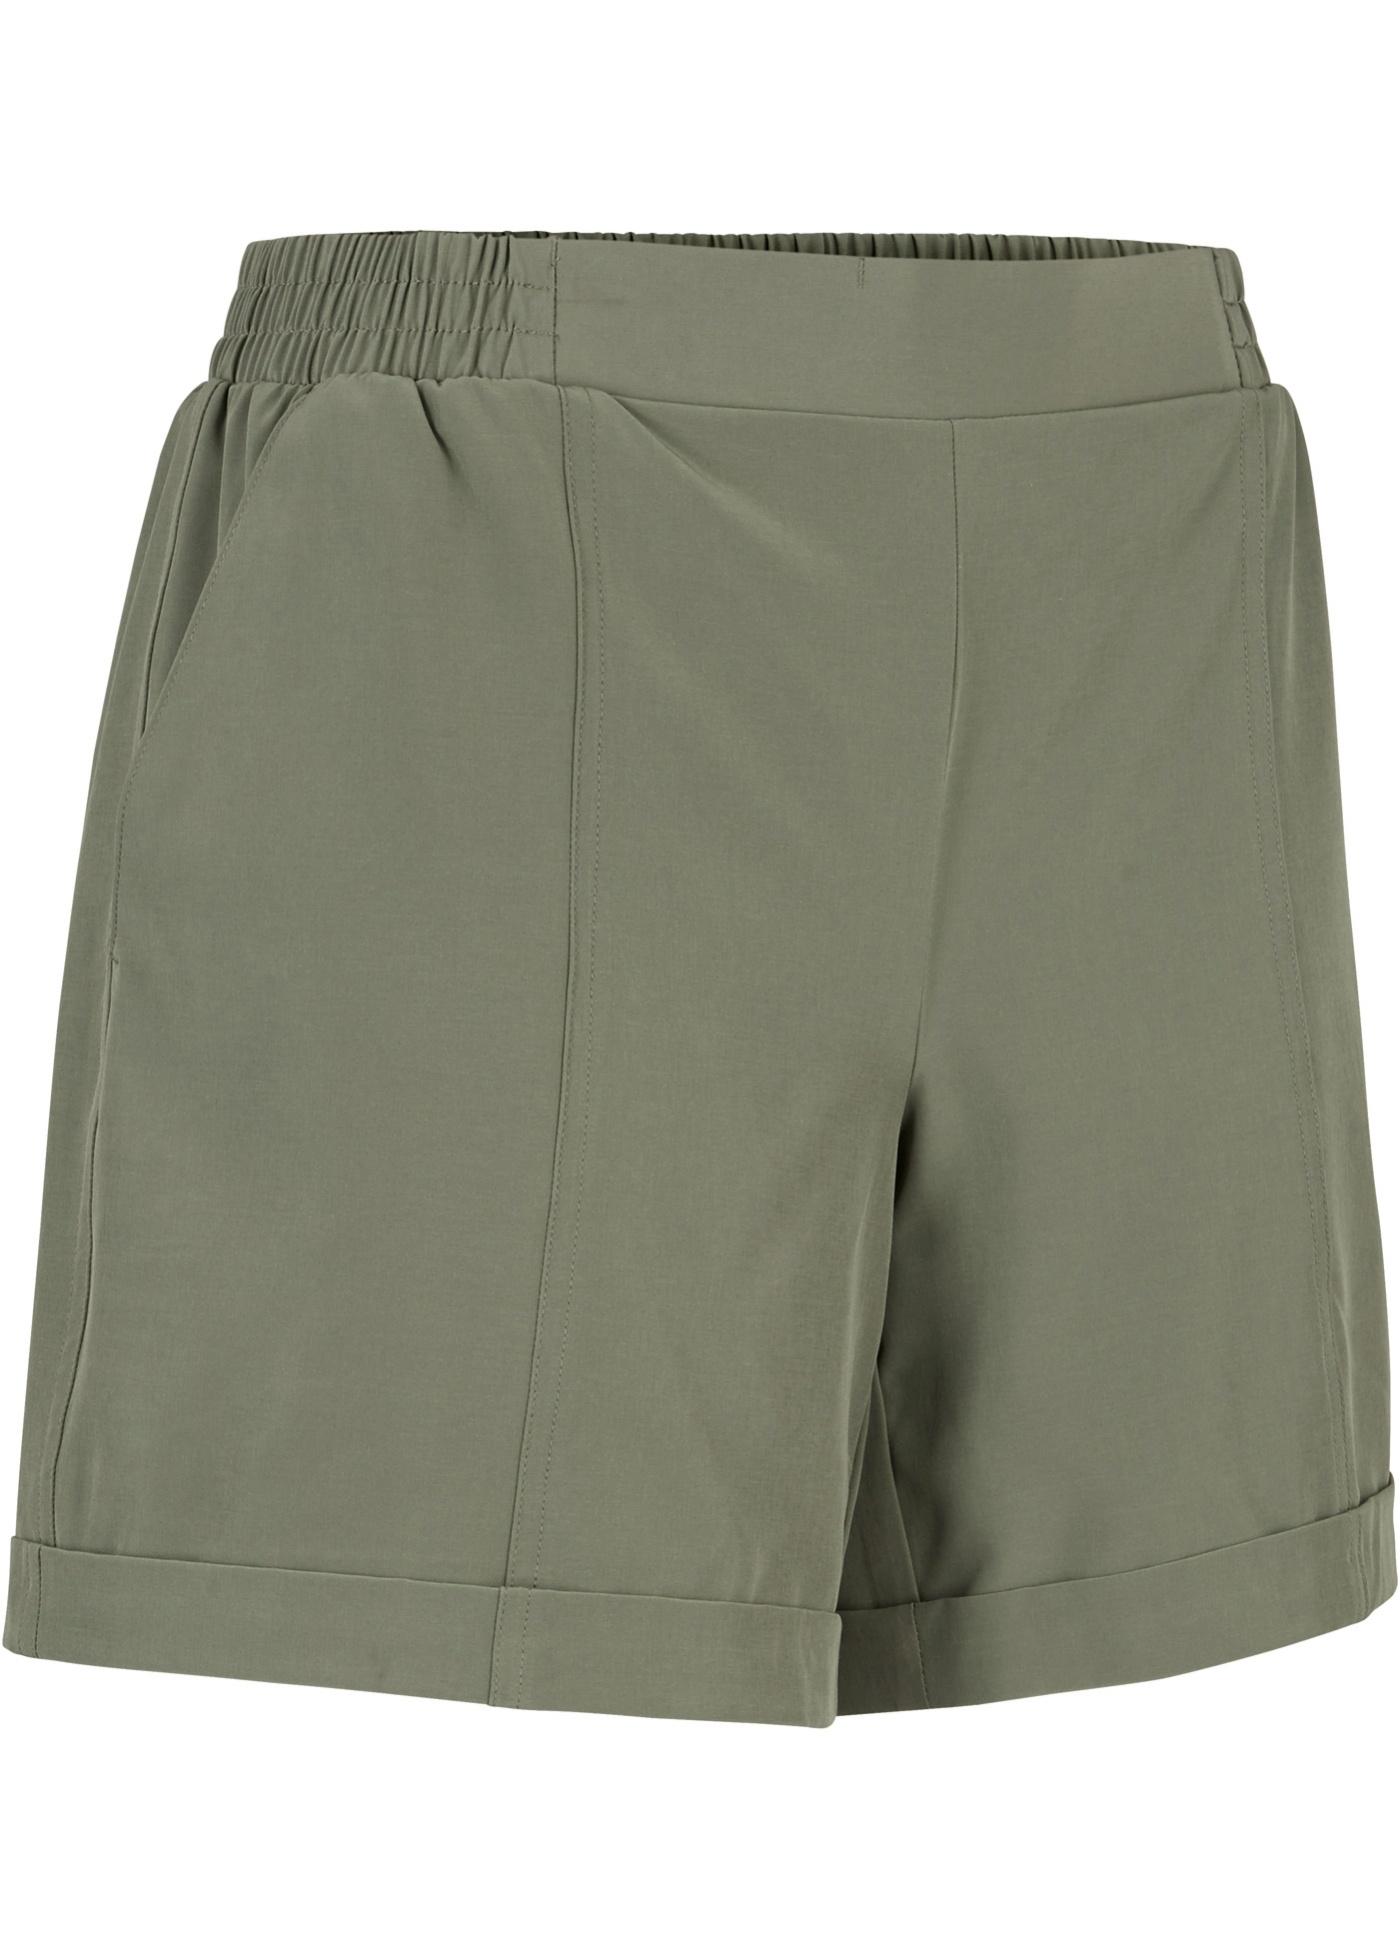 Lässige Funktions-Shorts, kurz in grün für Damen von bonprix